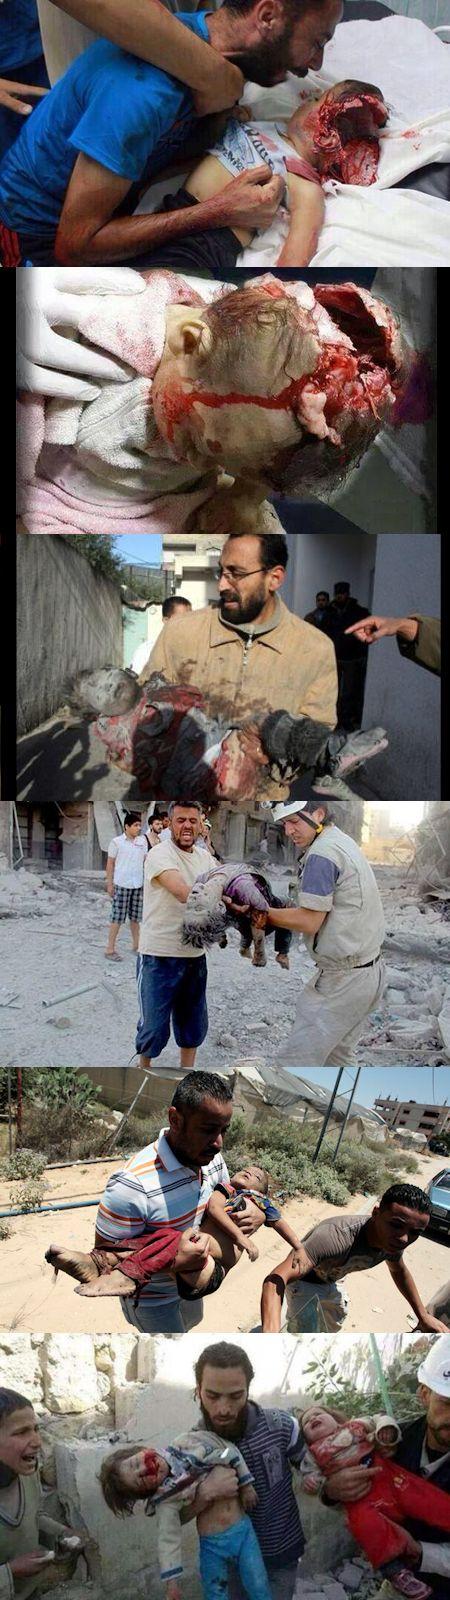 ガザ虐殺に思うこと - イスラエルの戦争の方法、目的、意味_c0315619_17161478.jpg